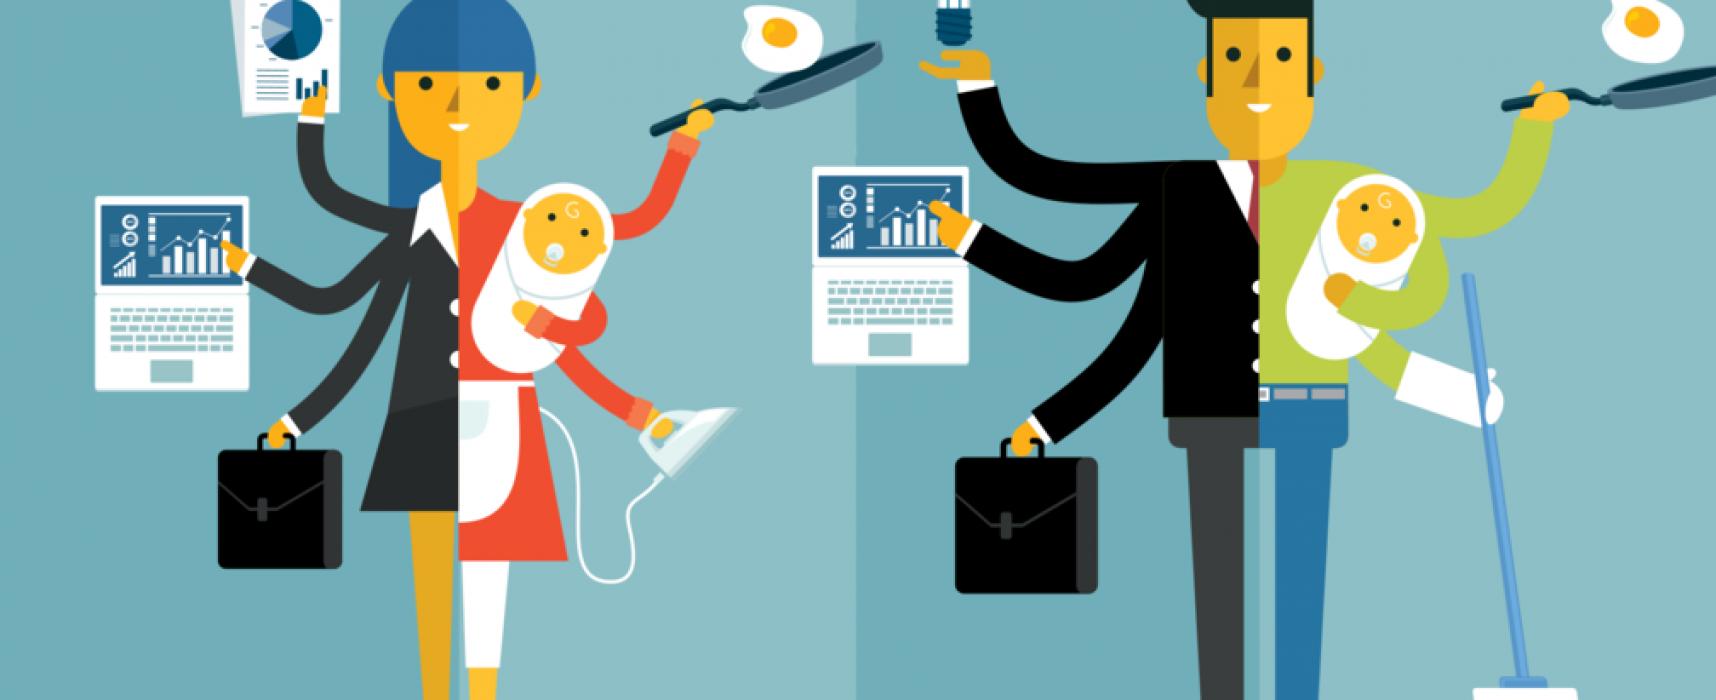 Tips For Balancing Work & Home Life